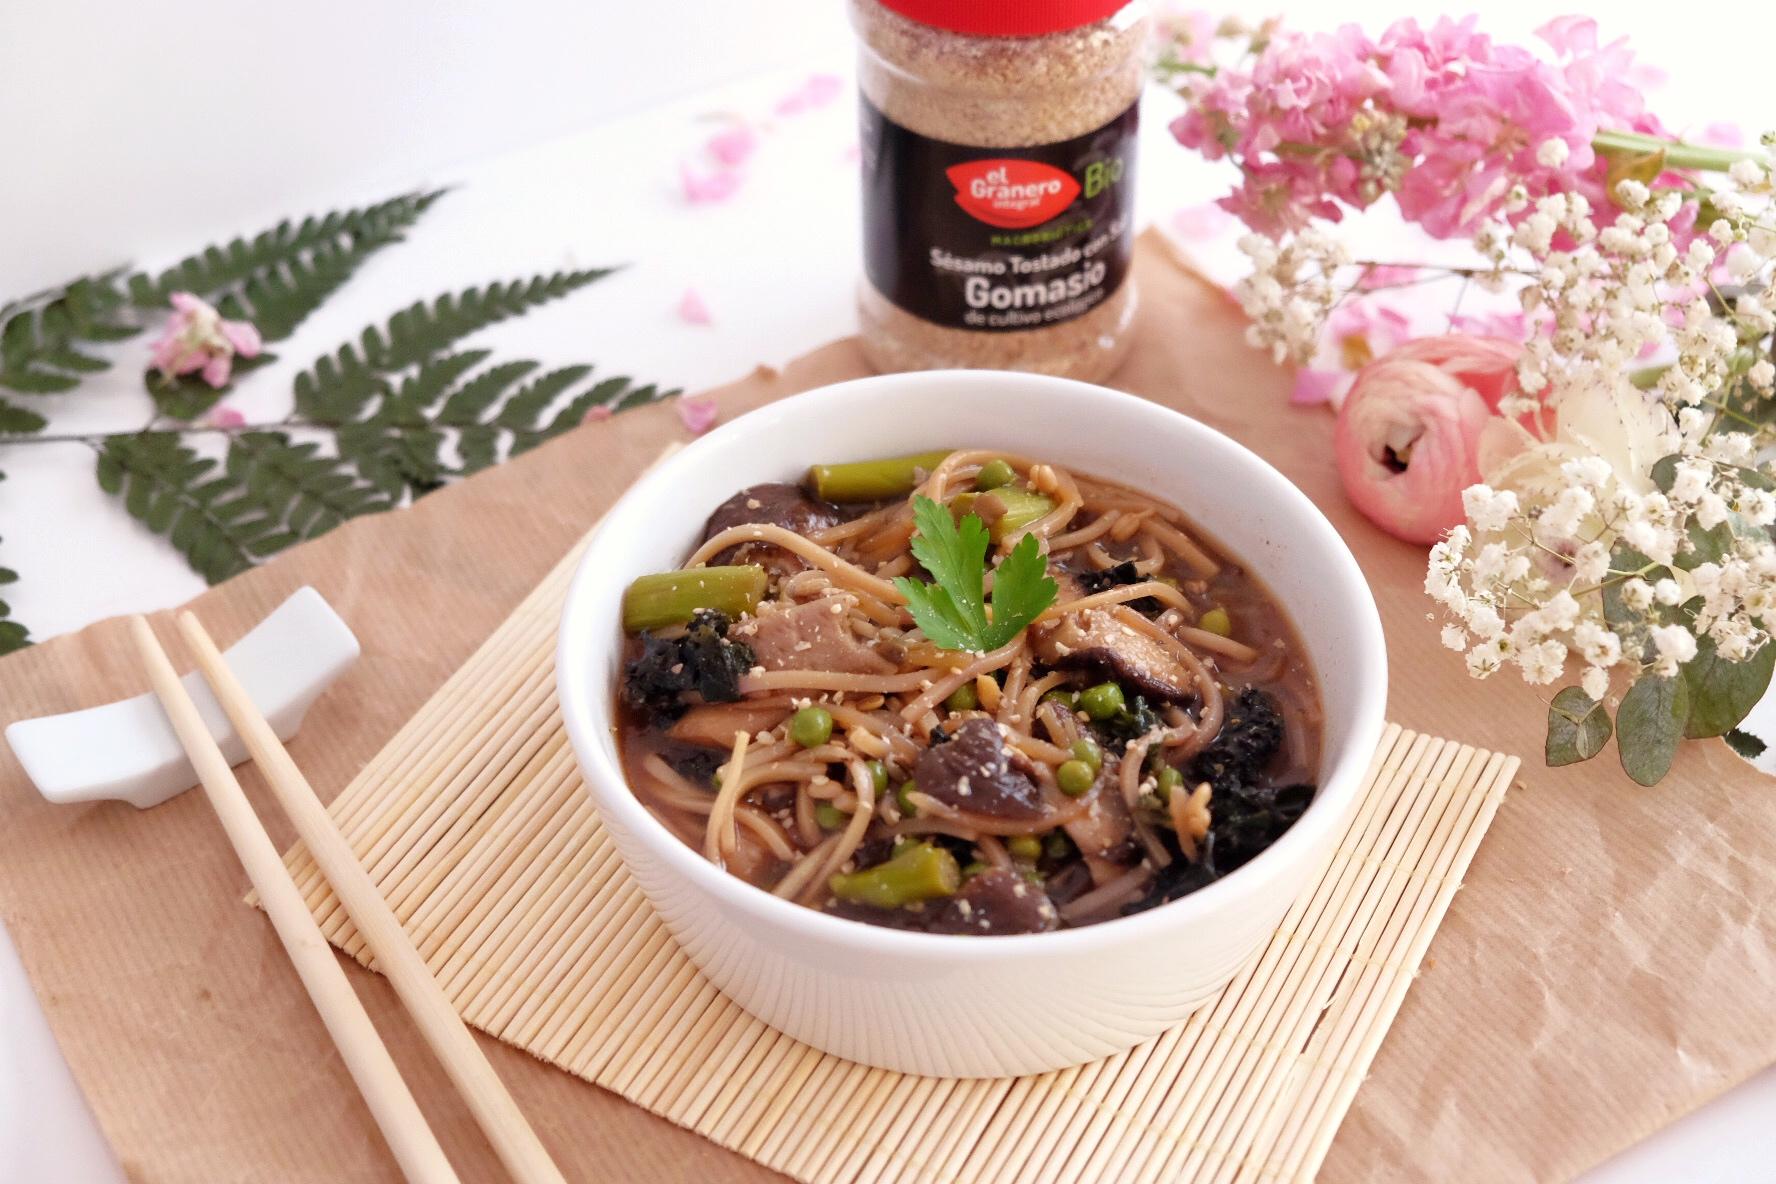 Recette facile nouilles asiatiques et soupe miso - Soupe miso ingredient ...